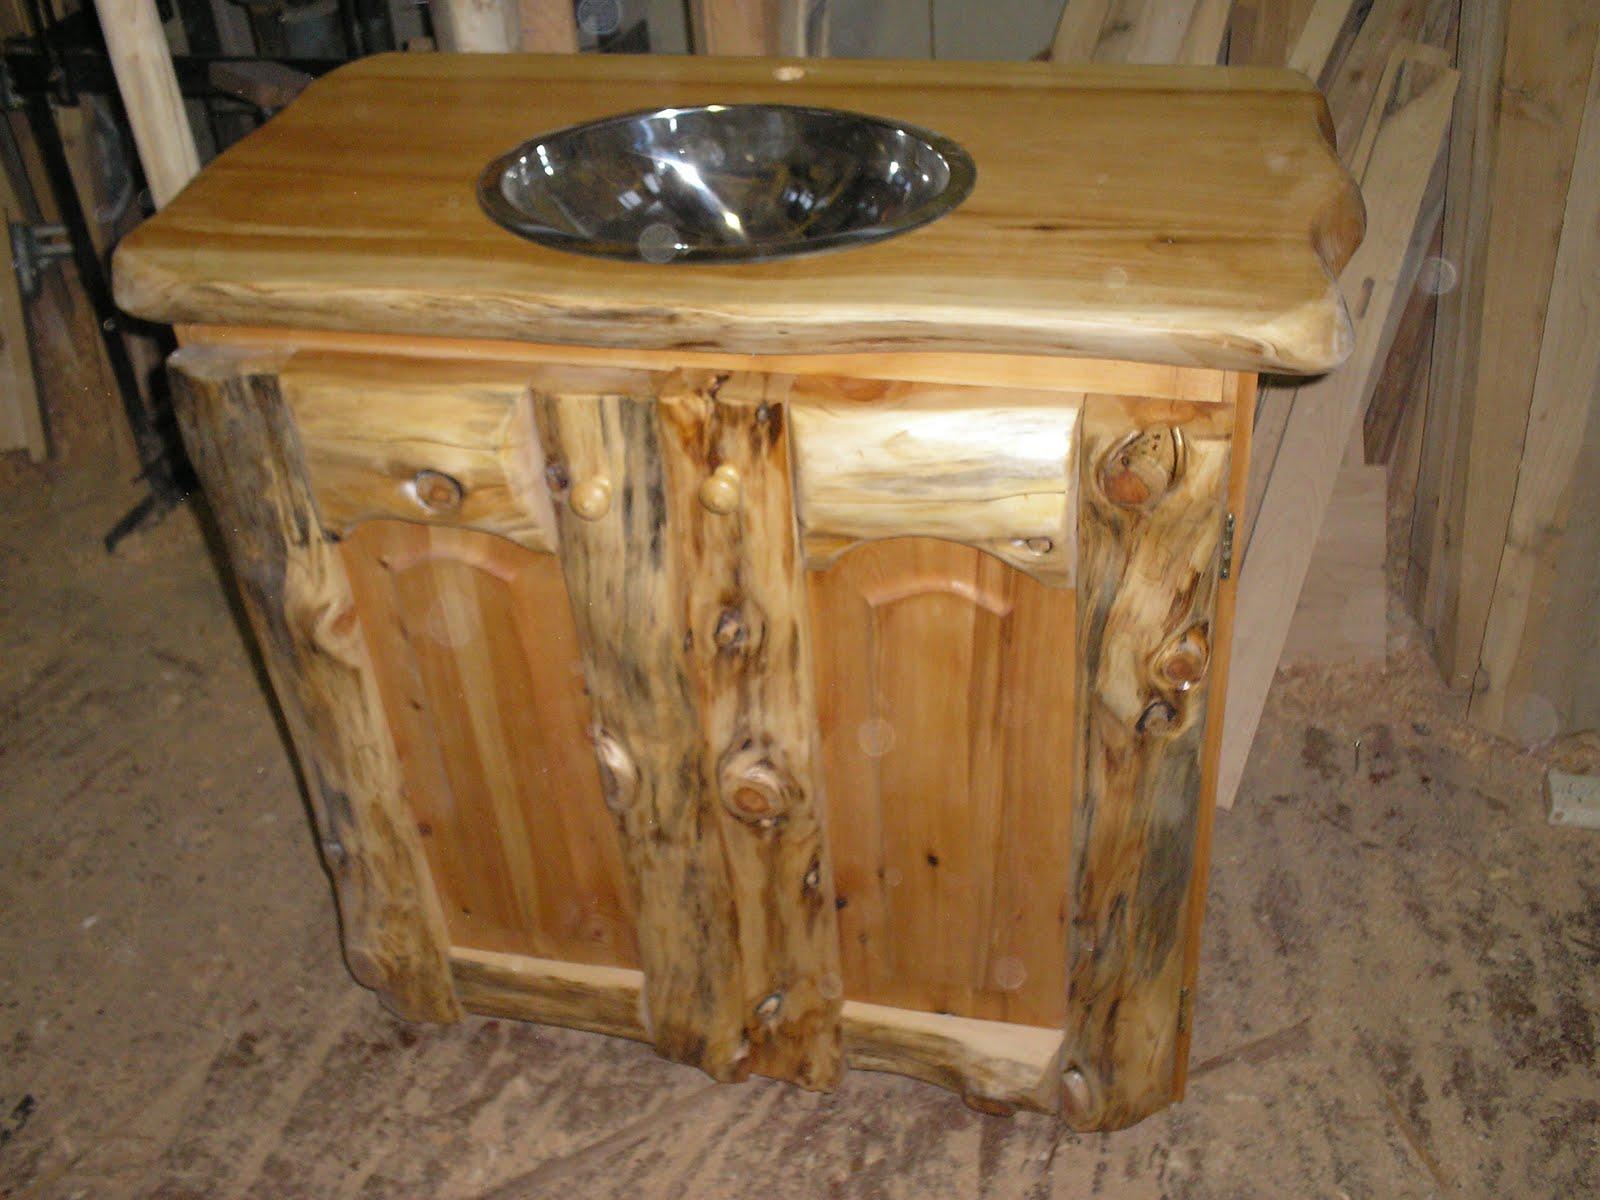 Muebles Artesanales Vantory Rustico Patagonico de Cipres